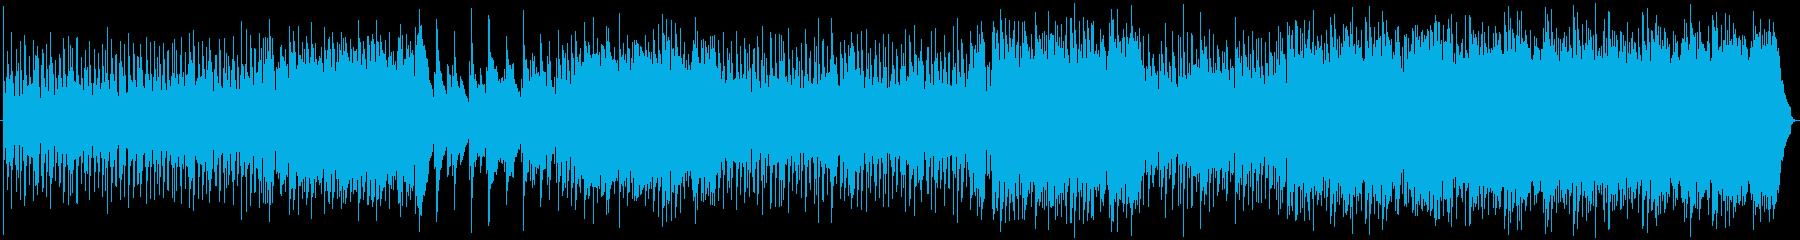 ドライビンググルーブとアップビート...の再生済みの波形